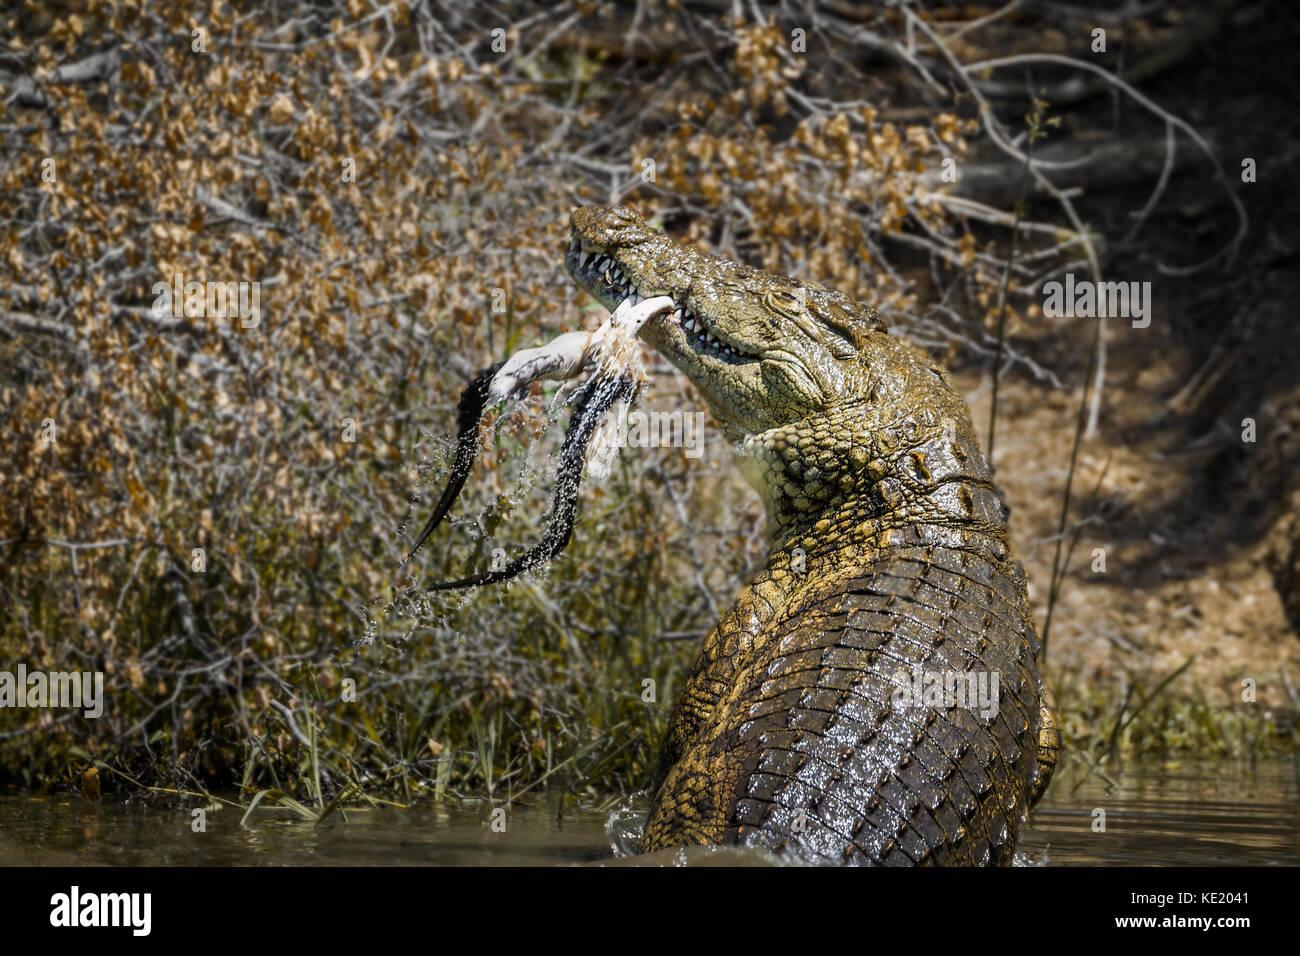 El cocodrilo del Nilo en el parque nacional Kruger, Sudáfrica ; especie Crocodylus niloticus familia crocodylidae Foto de stock